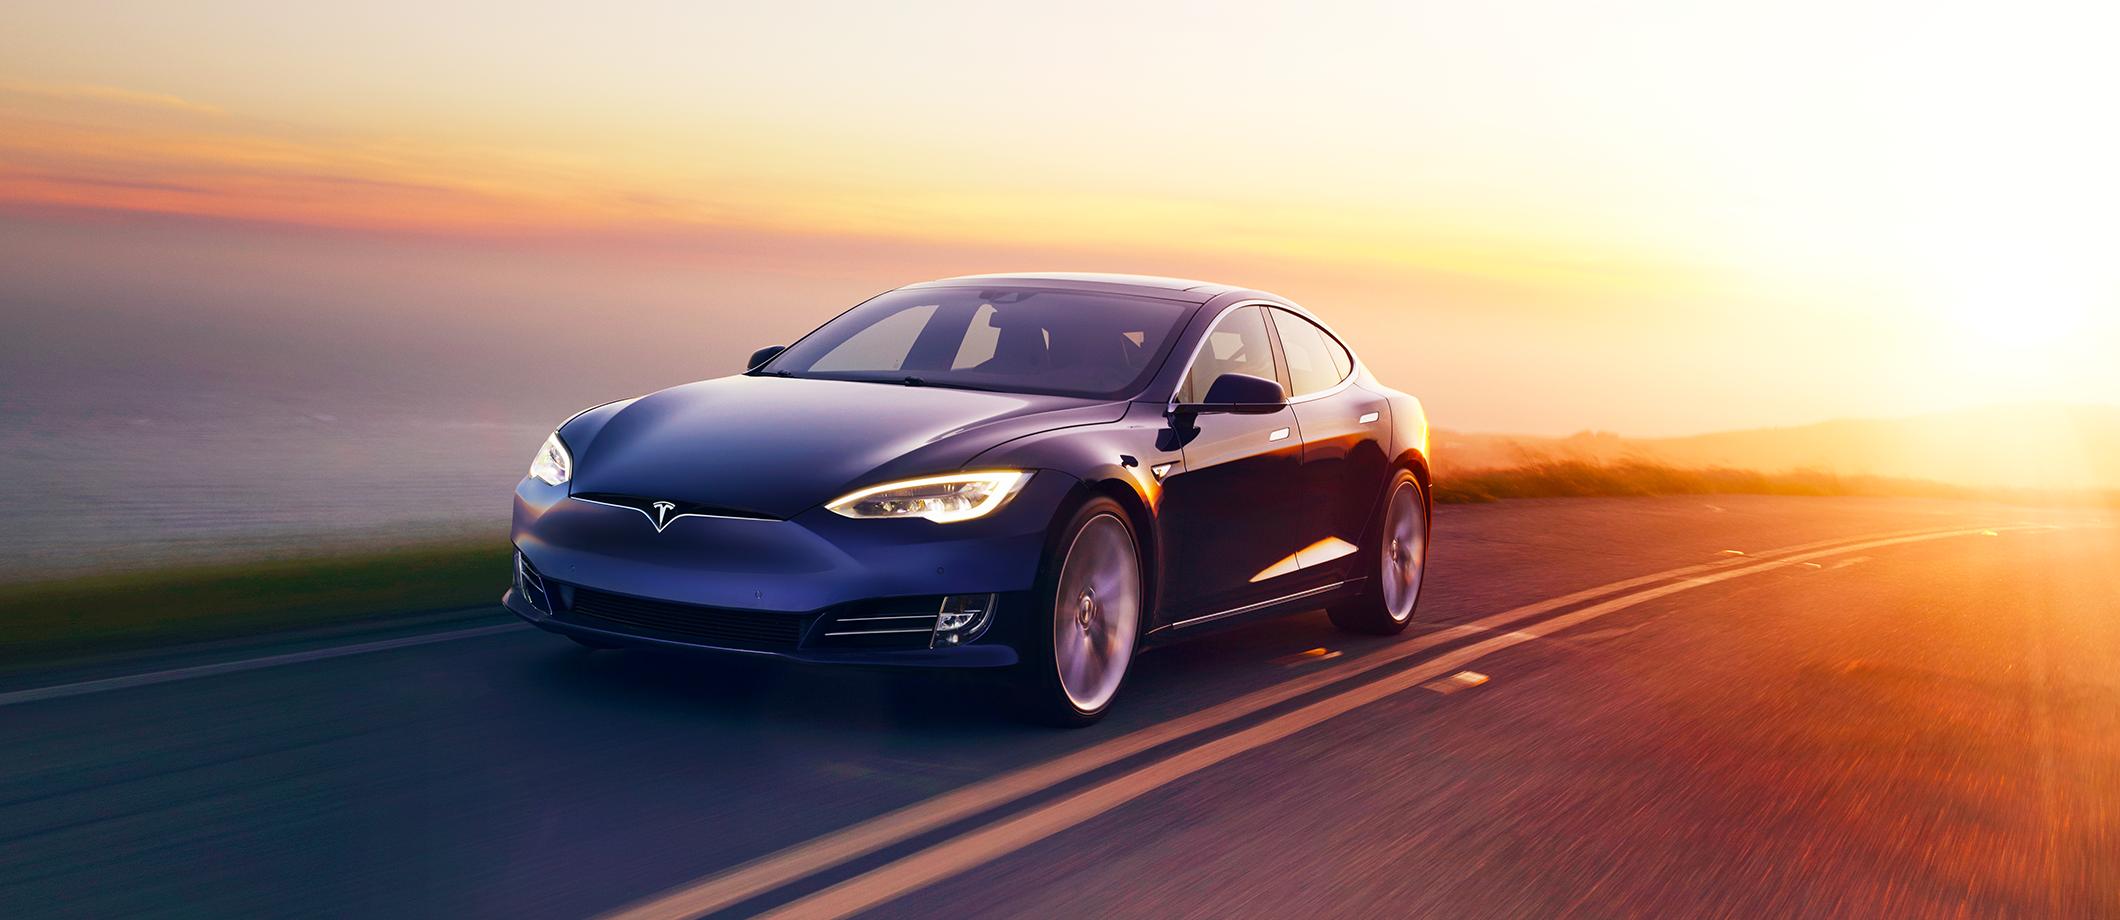 (Photo: Tesla)